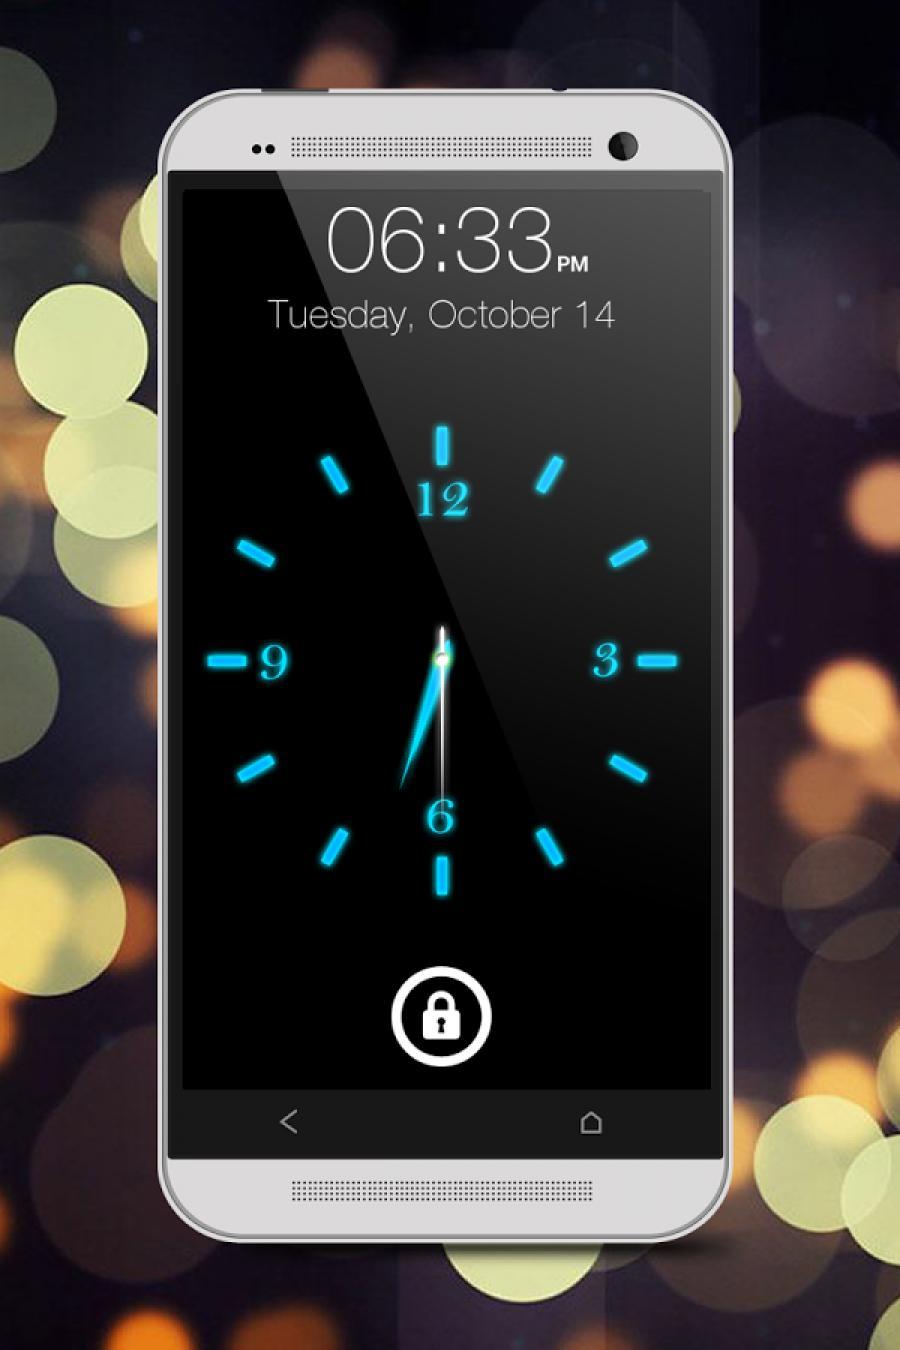 Apple объявила конкурс для любителей фотографировать на iphone денис черкашин — 23 января  android assistant — незаменимый помощник, если дело касается настроек устройства и работы с файлами.